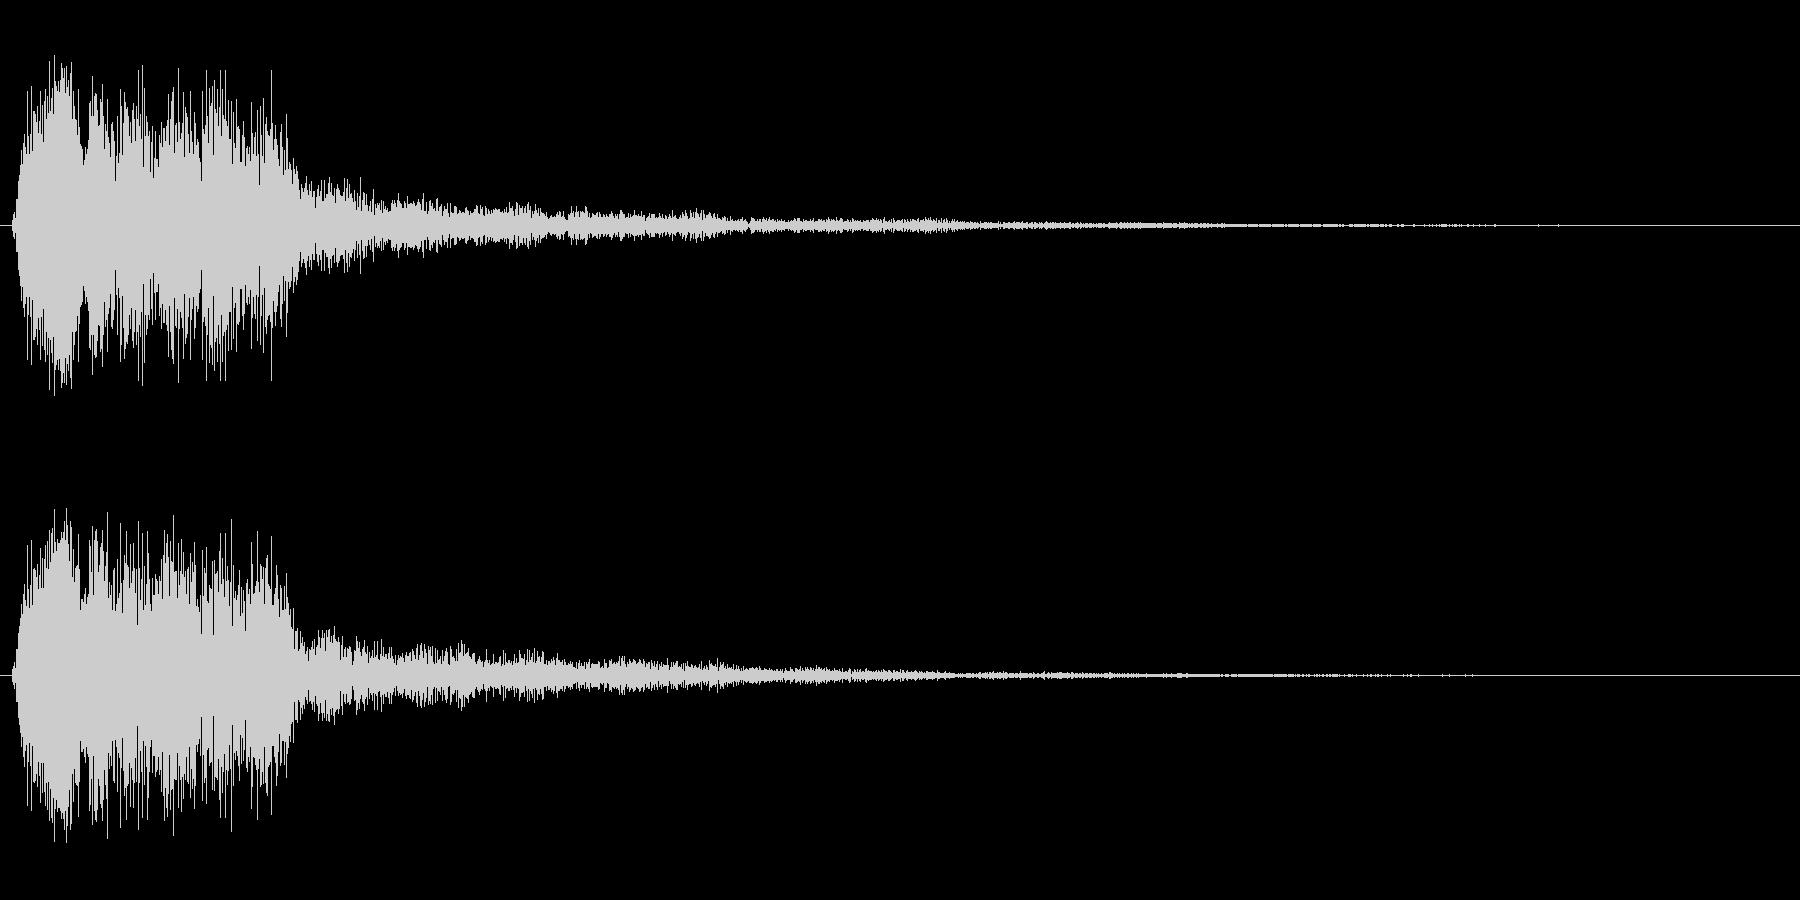 ピユーン!(スピード感のある効果音)の未再生の波形